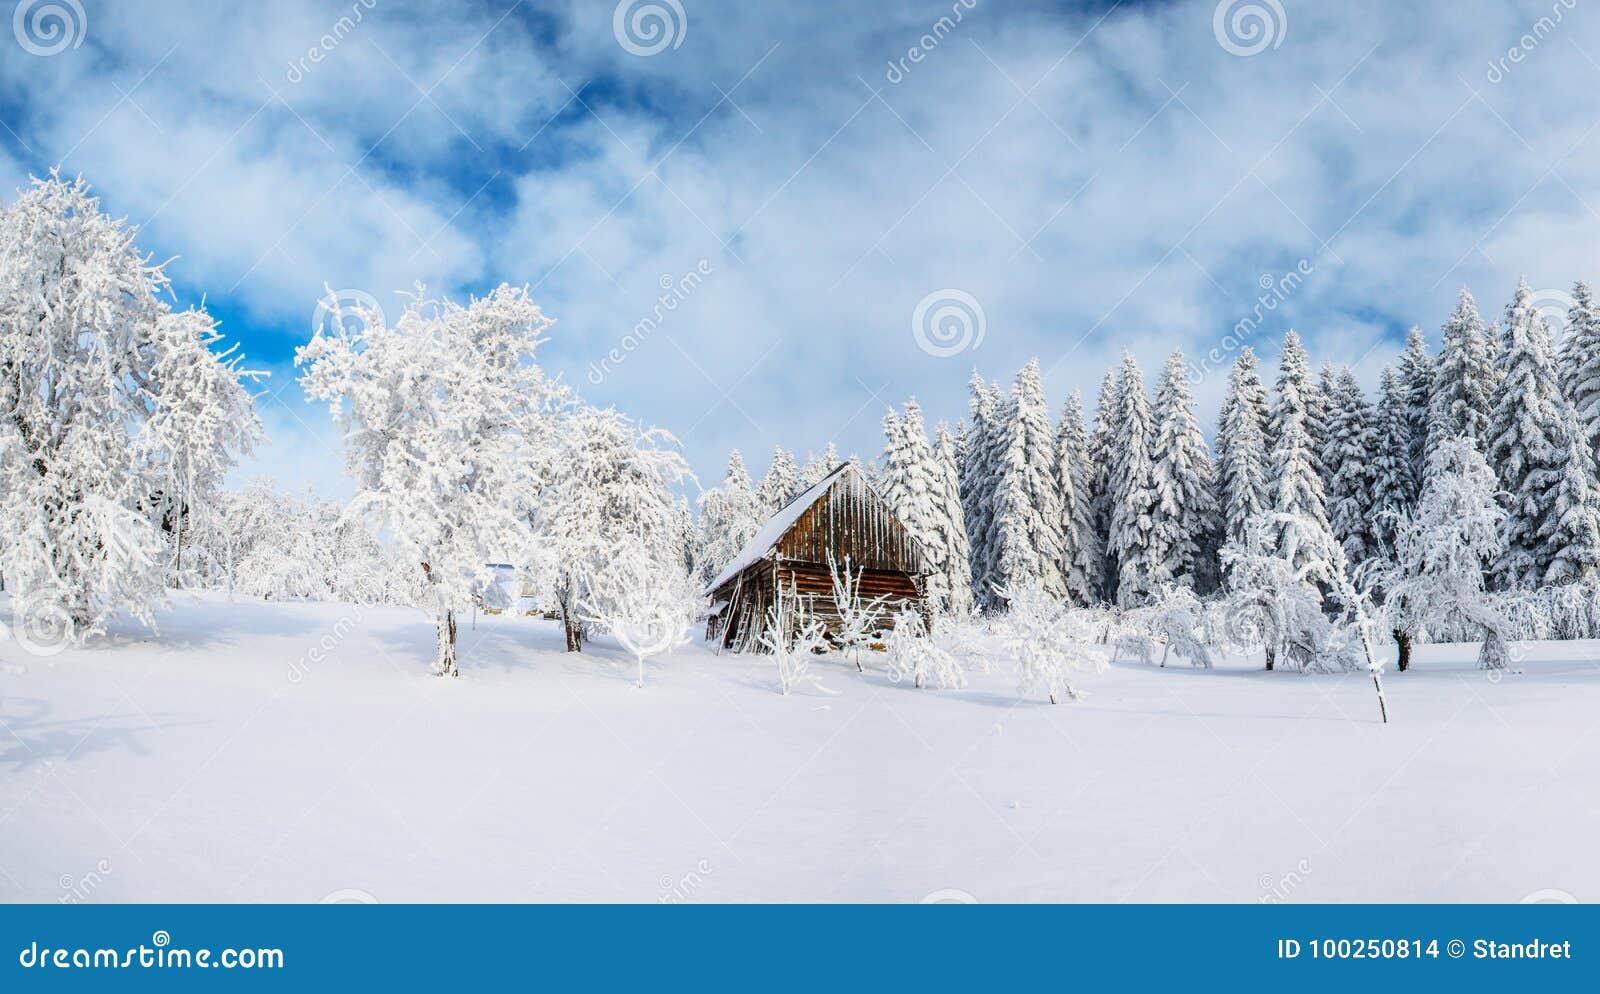 Kabin i bergen i vinter mystisk dimma I förväntan av ferier carpathians Ukraina Europa